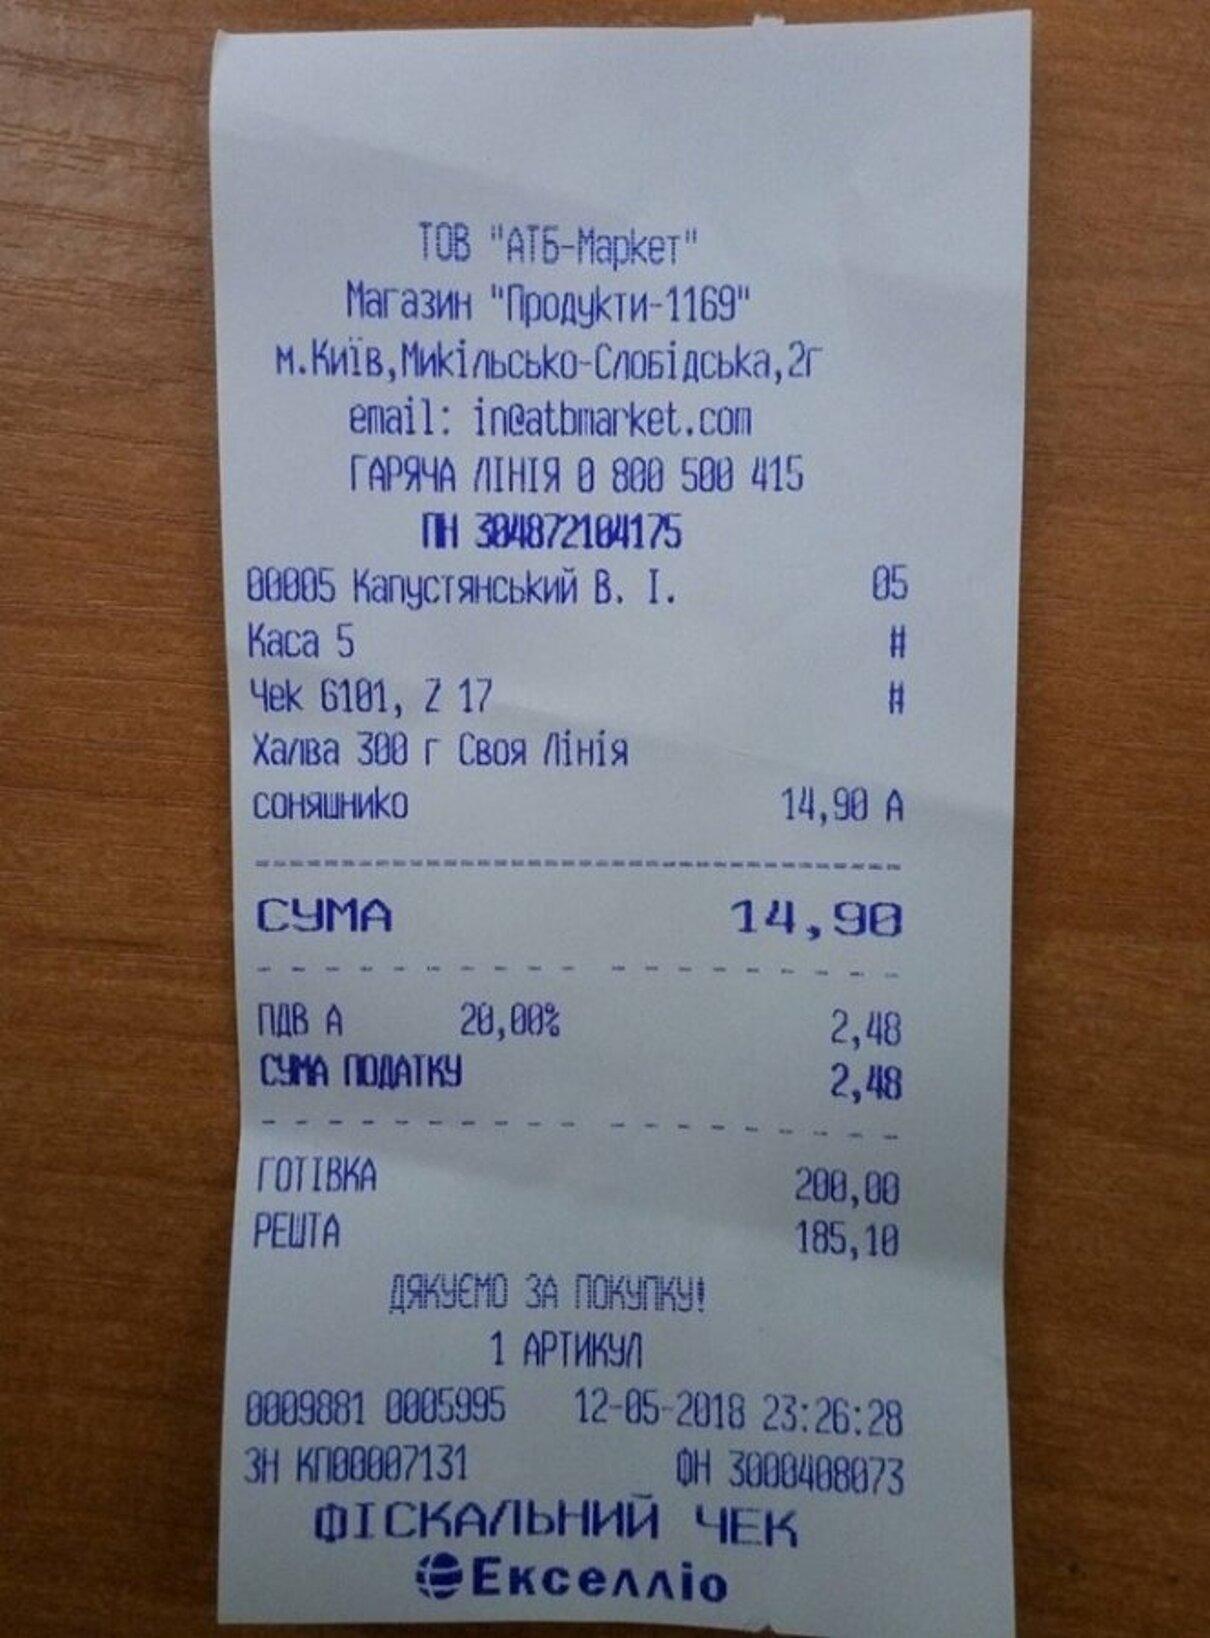 Жалоба-отзыв: АТБ - Жалоба на новый супермаркет АТБ в г.Киеве на Никольско-Слободской, 2Г.  Фото №1